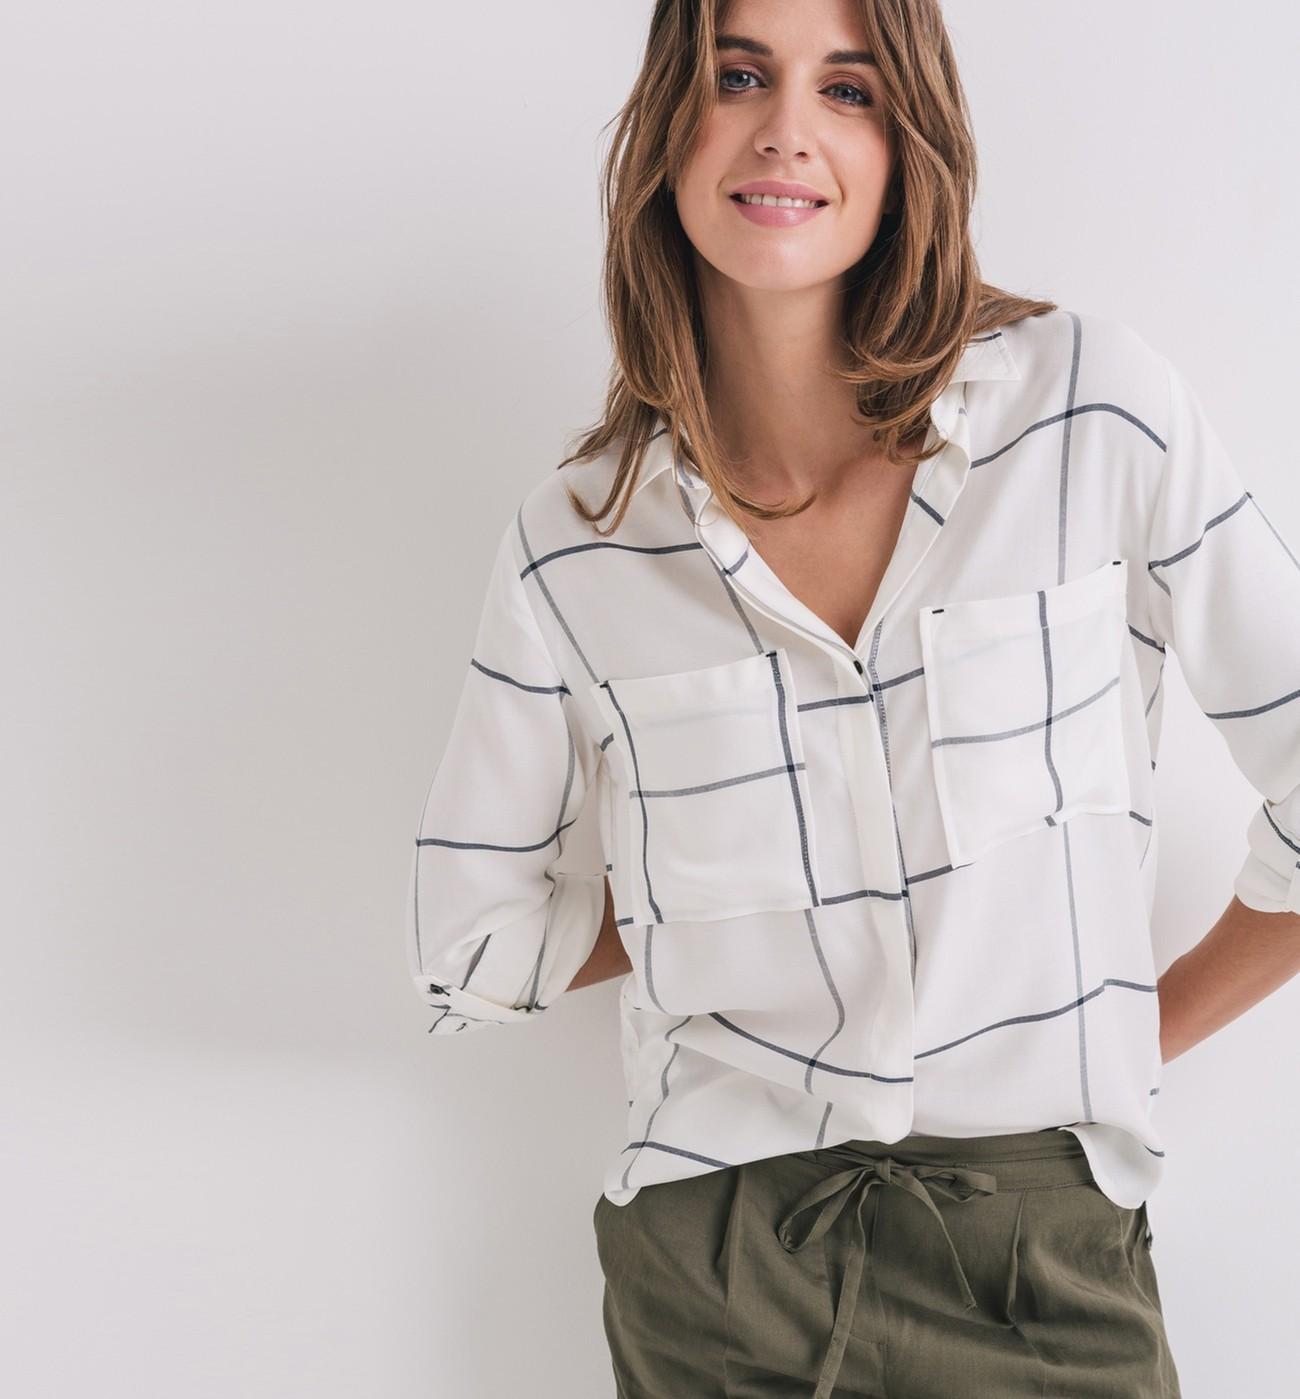 Модная рубашка 2018